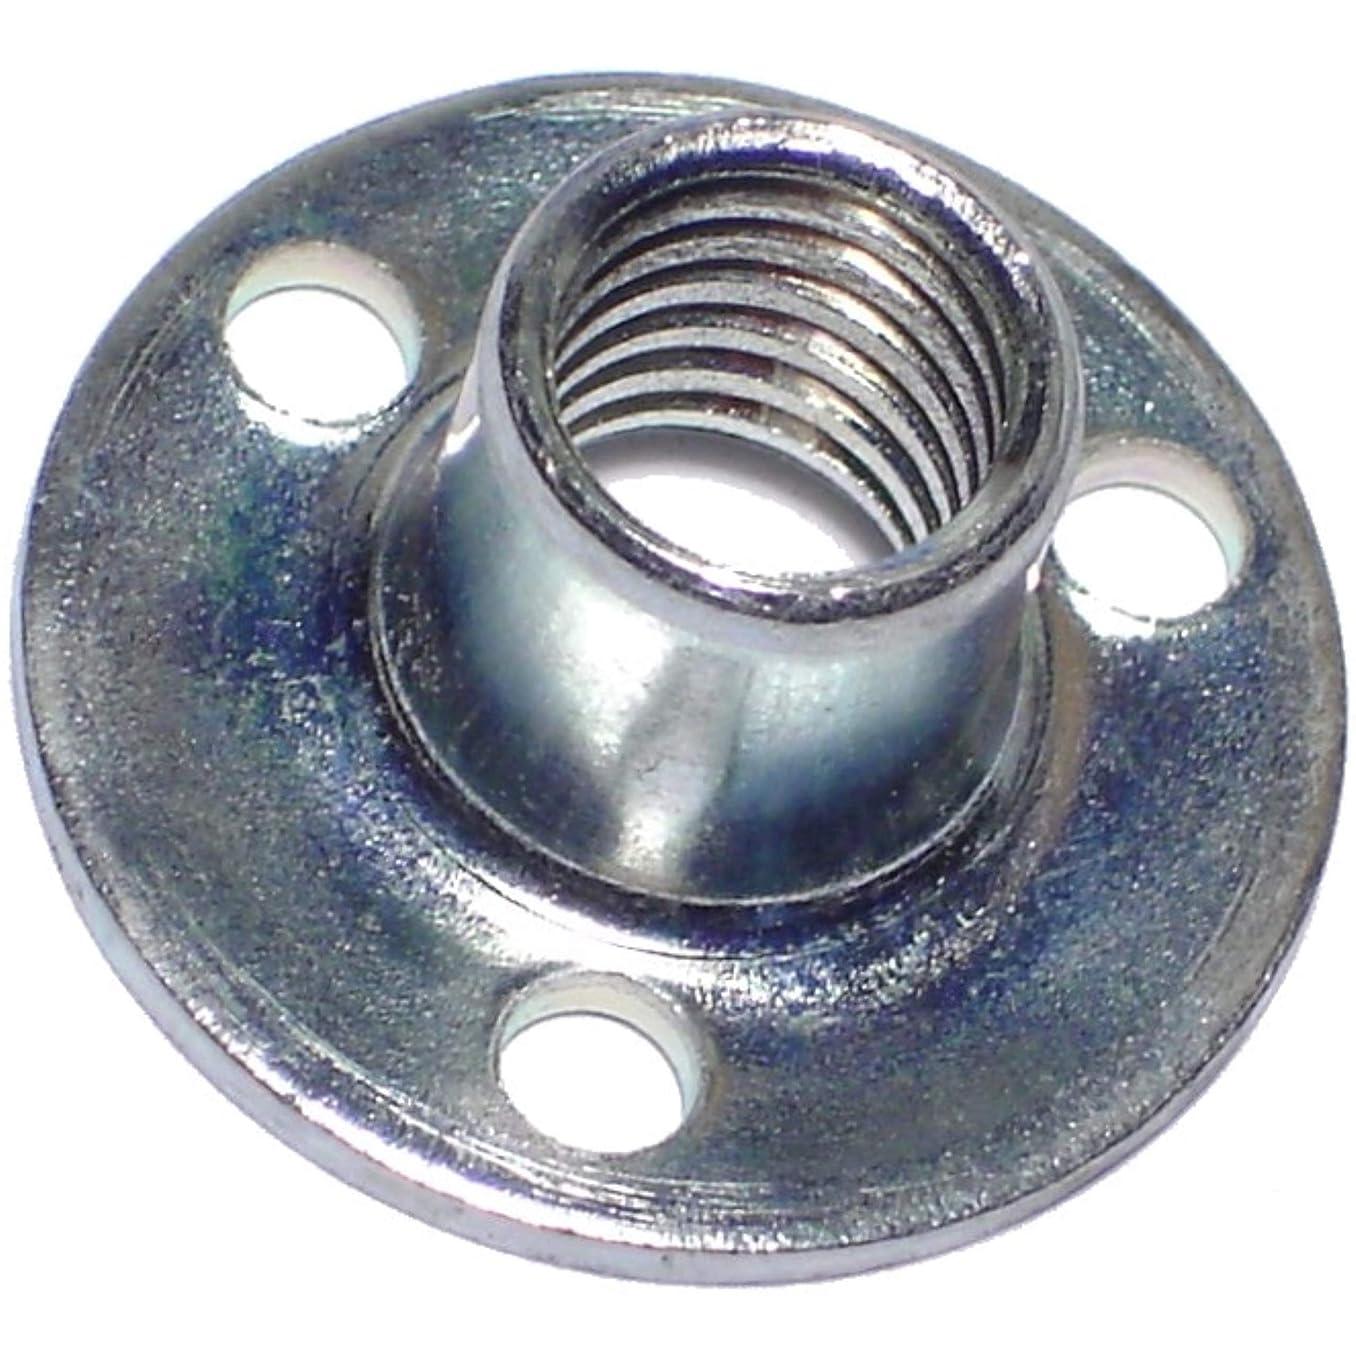 Hard-to-Find Fastener 014973323165 323165 Tee Nut, 3/8-16 x 7/16